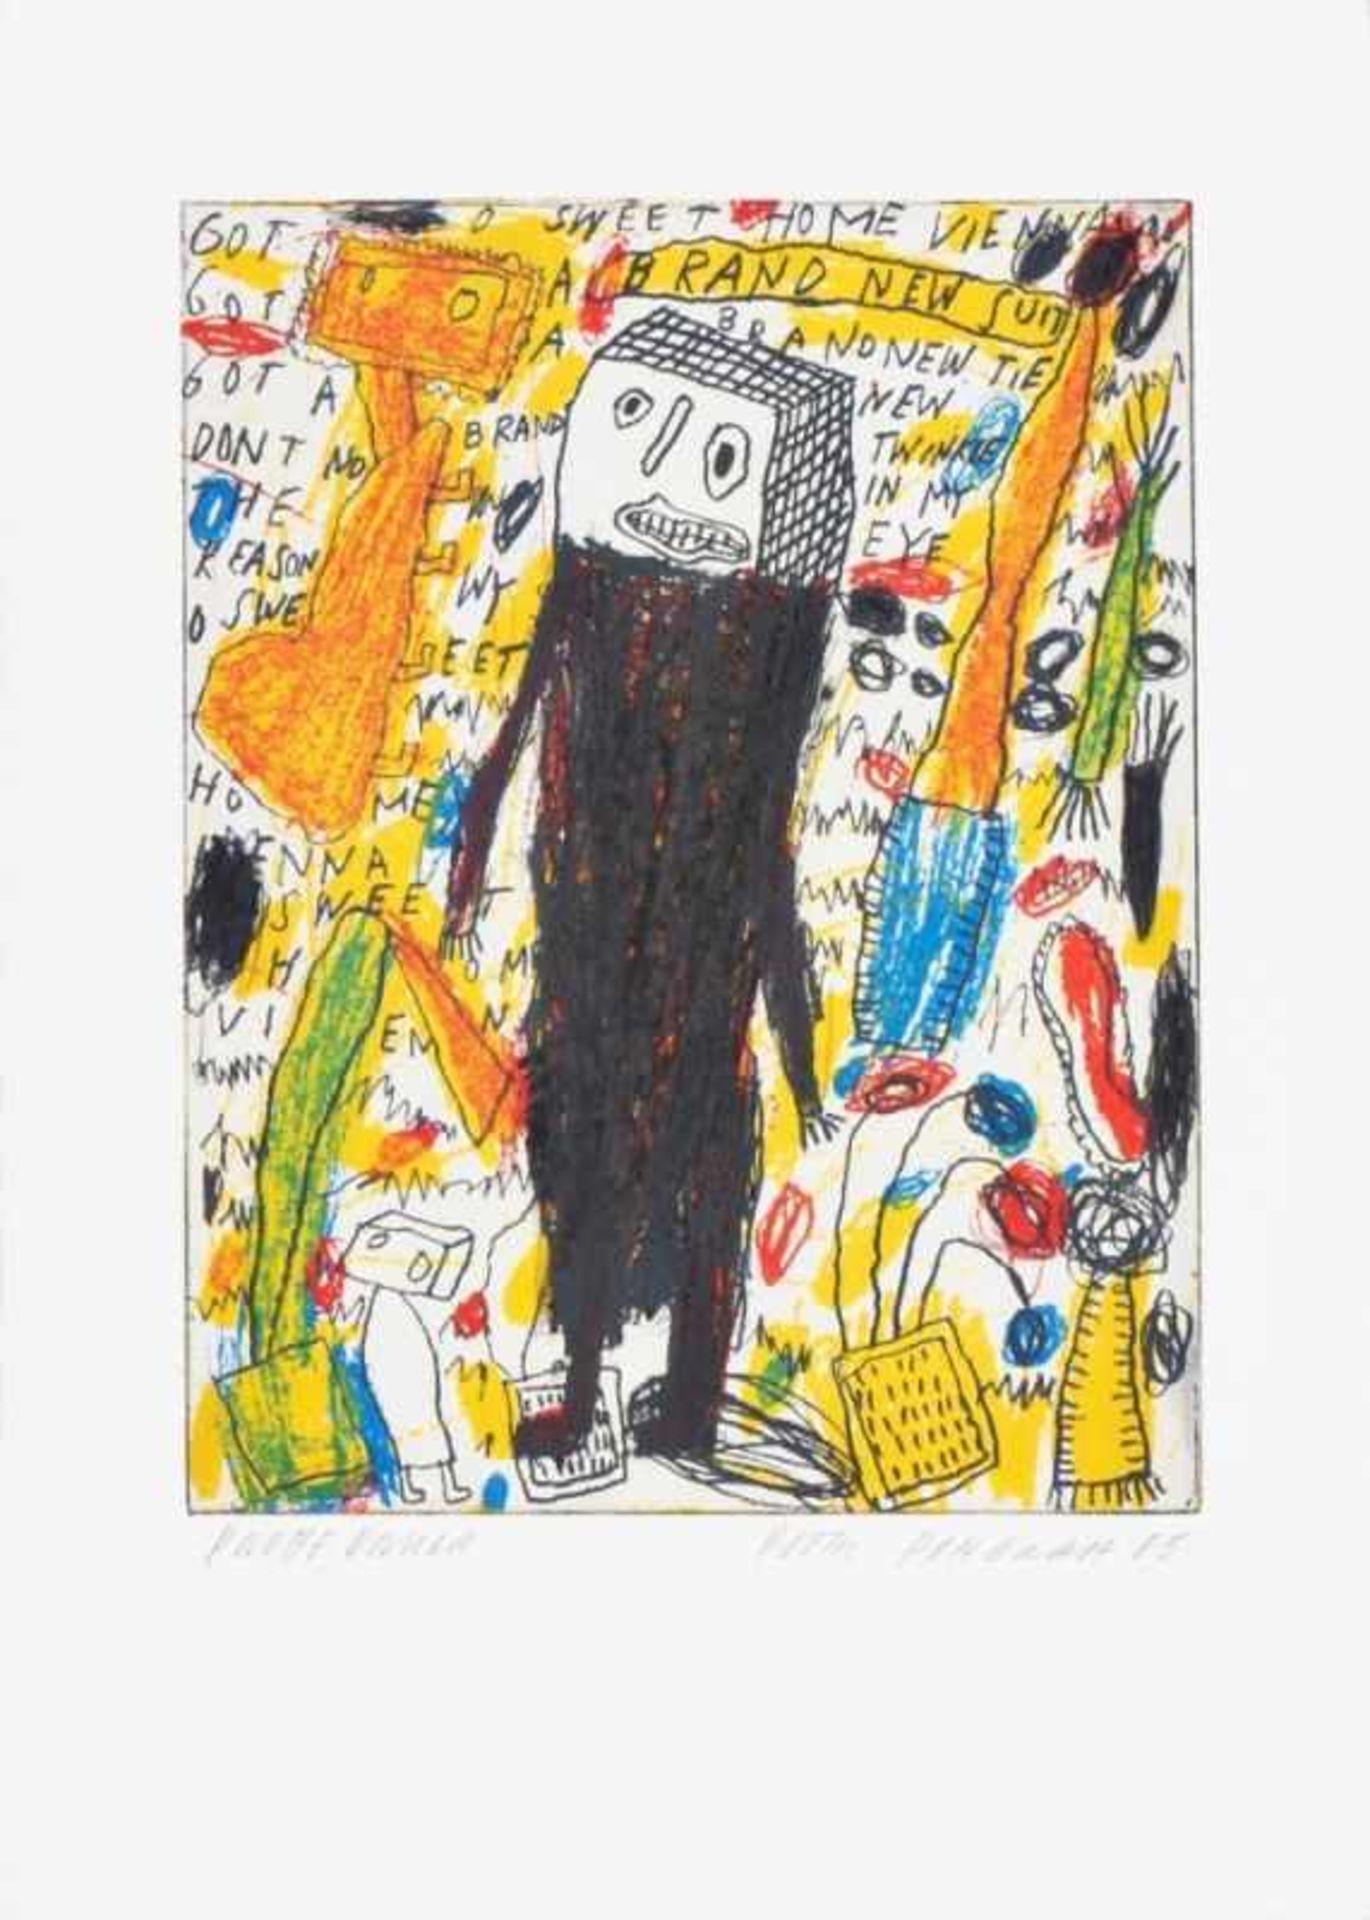 PETER PONGRATZ(1940 EISENSTADT)o. T., 2005Farbradierung auf Bütten, Plattengröße: 28,5 x 22